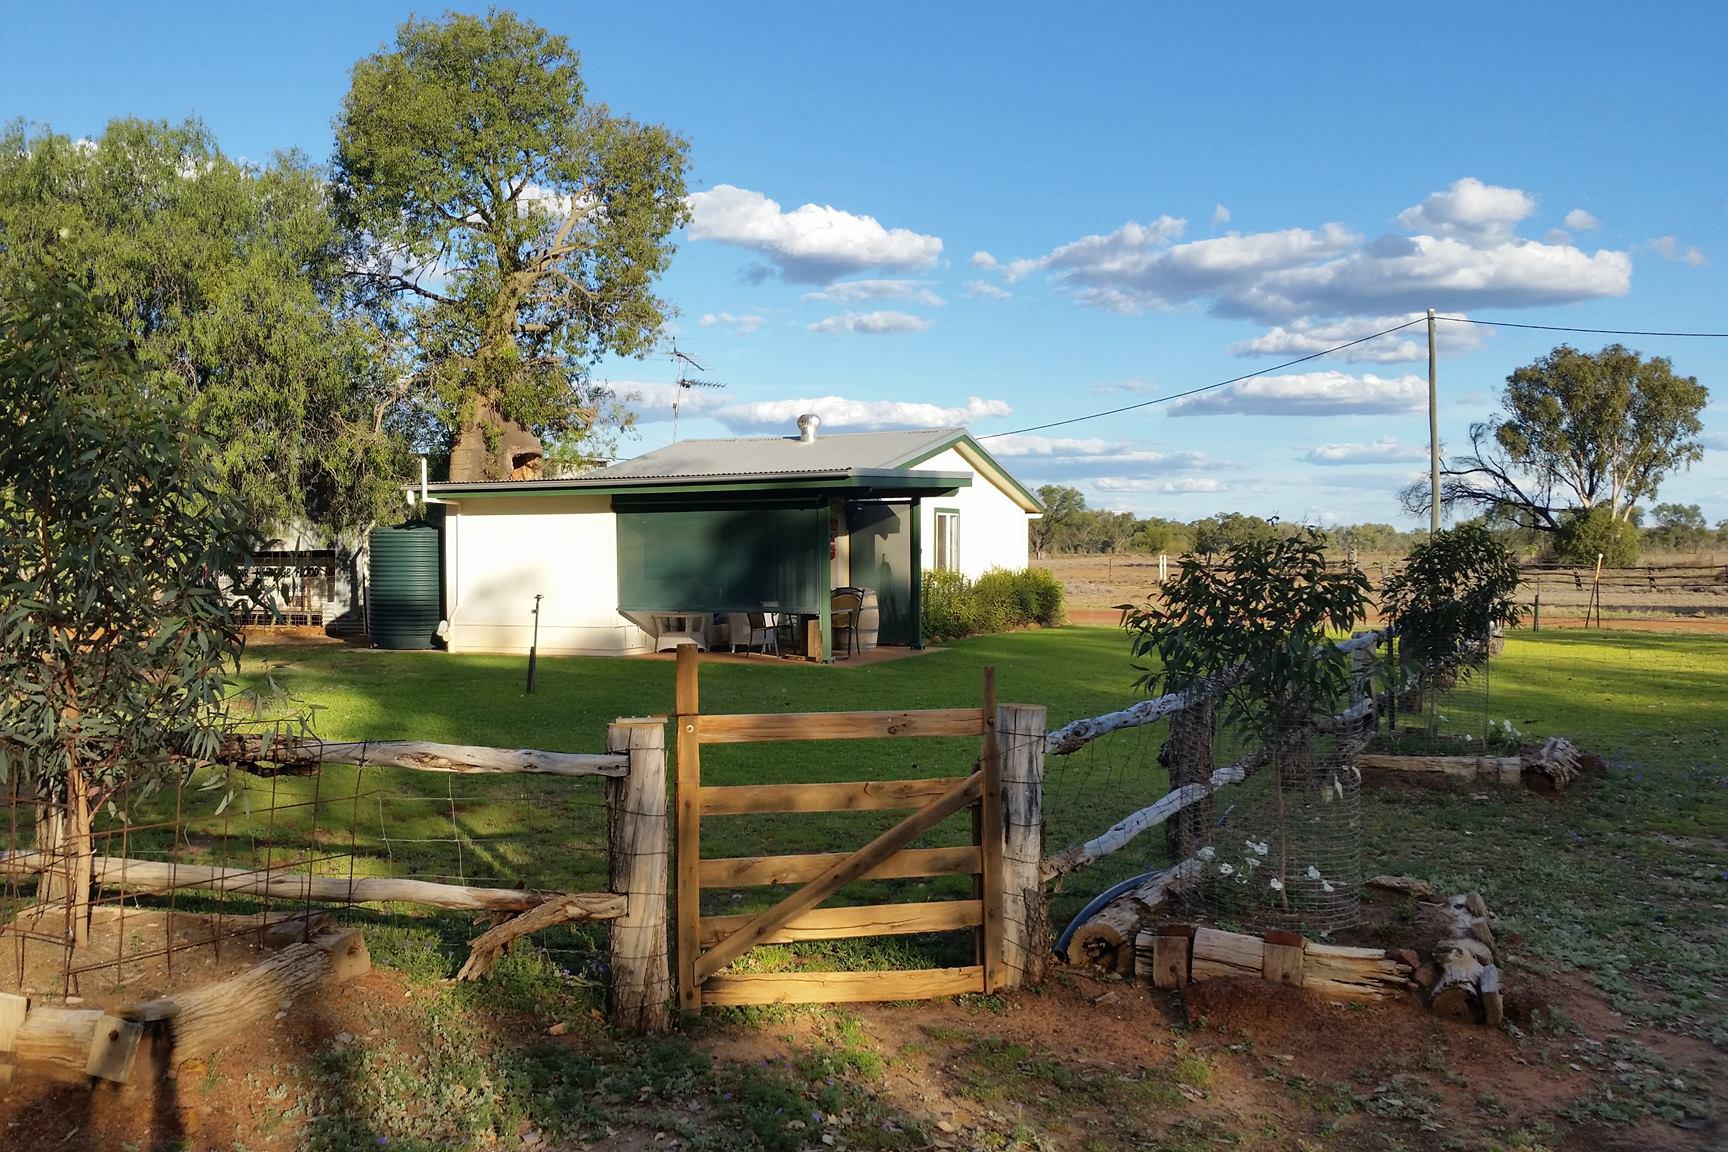 a - Charleville Bush Caravan Park and Bush Cottage